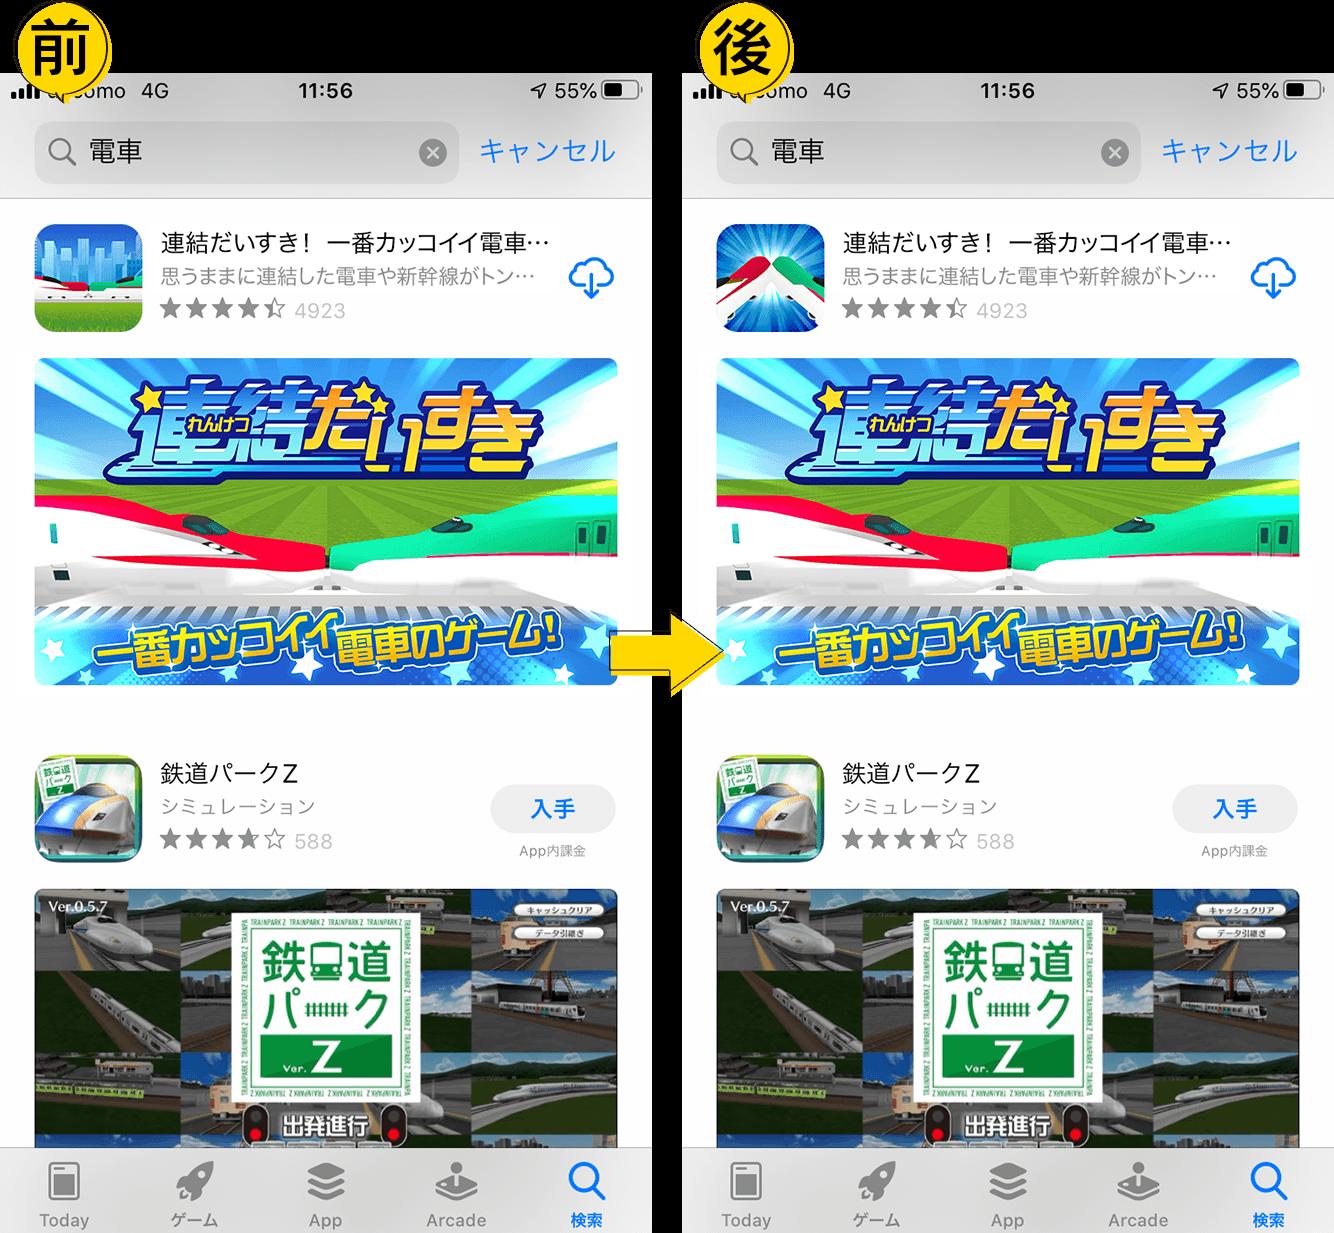 ゲームアプリアイコンのビフォー・アフター画像